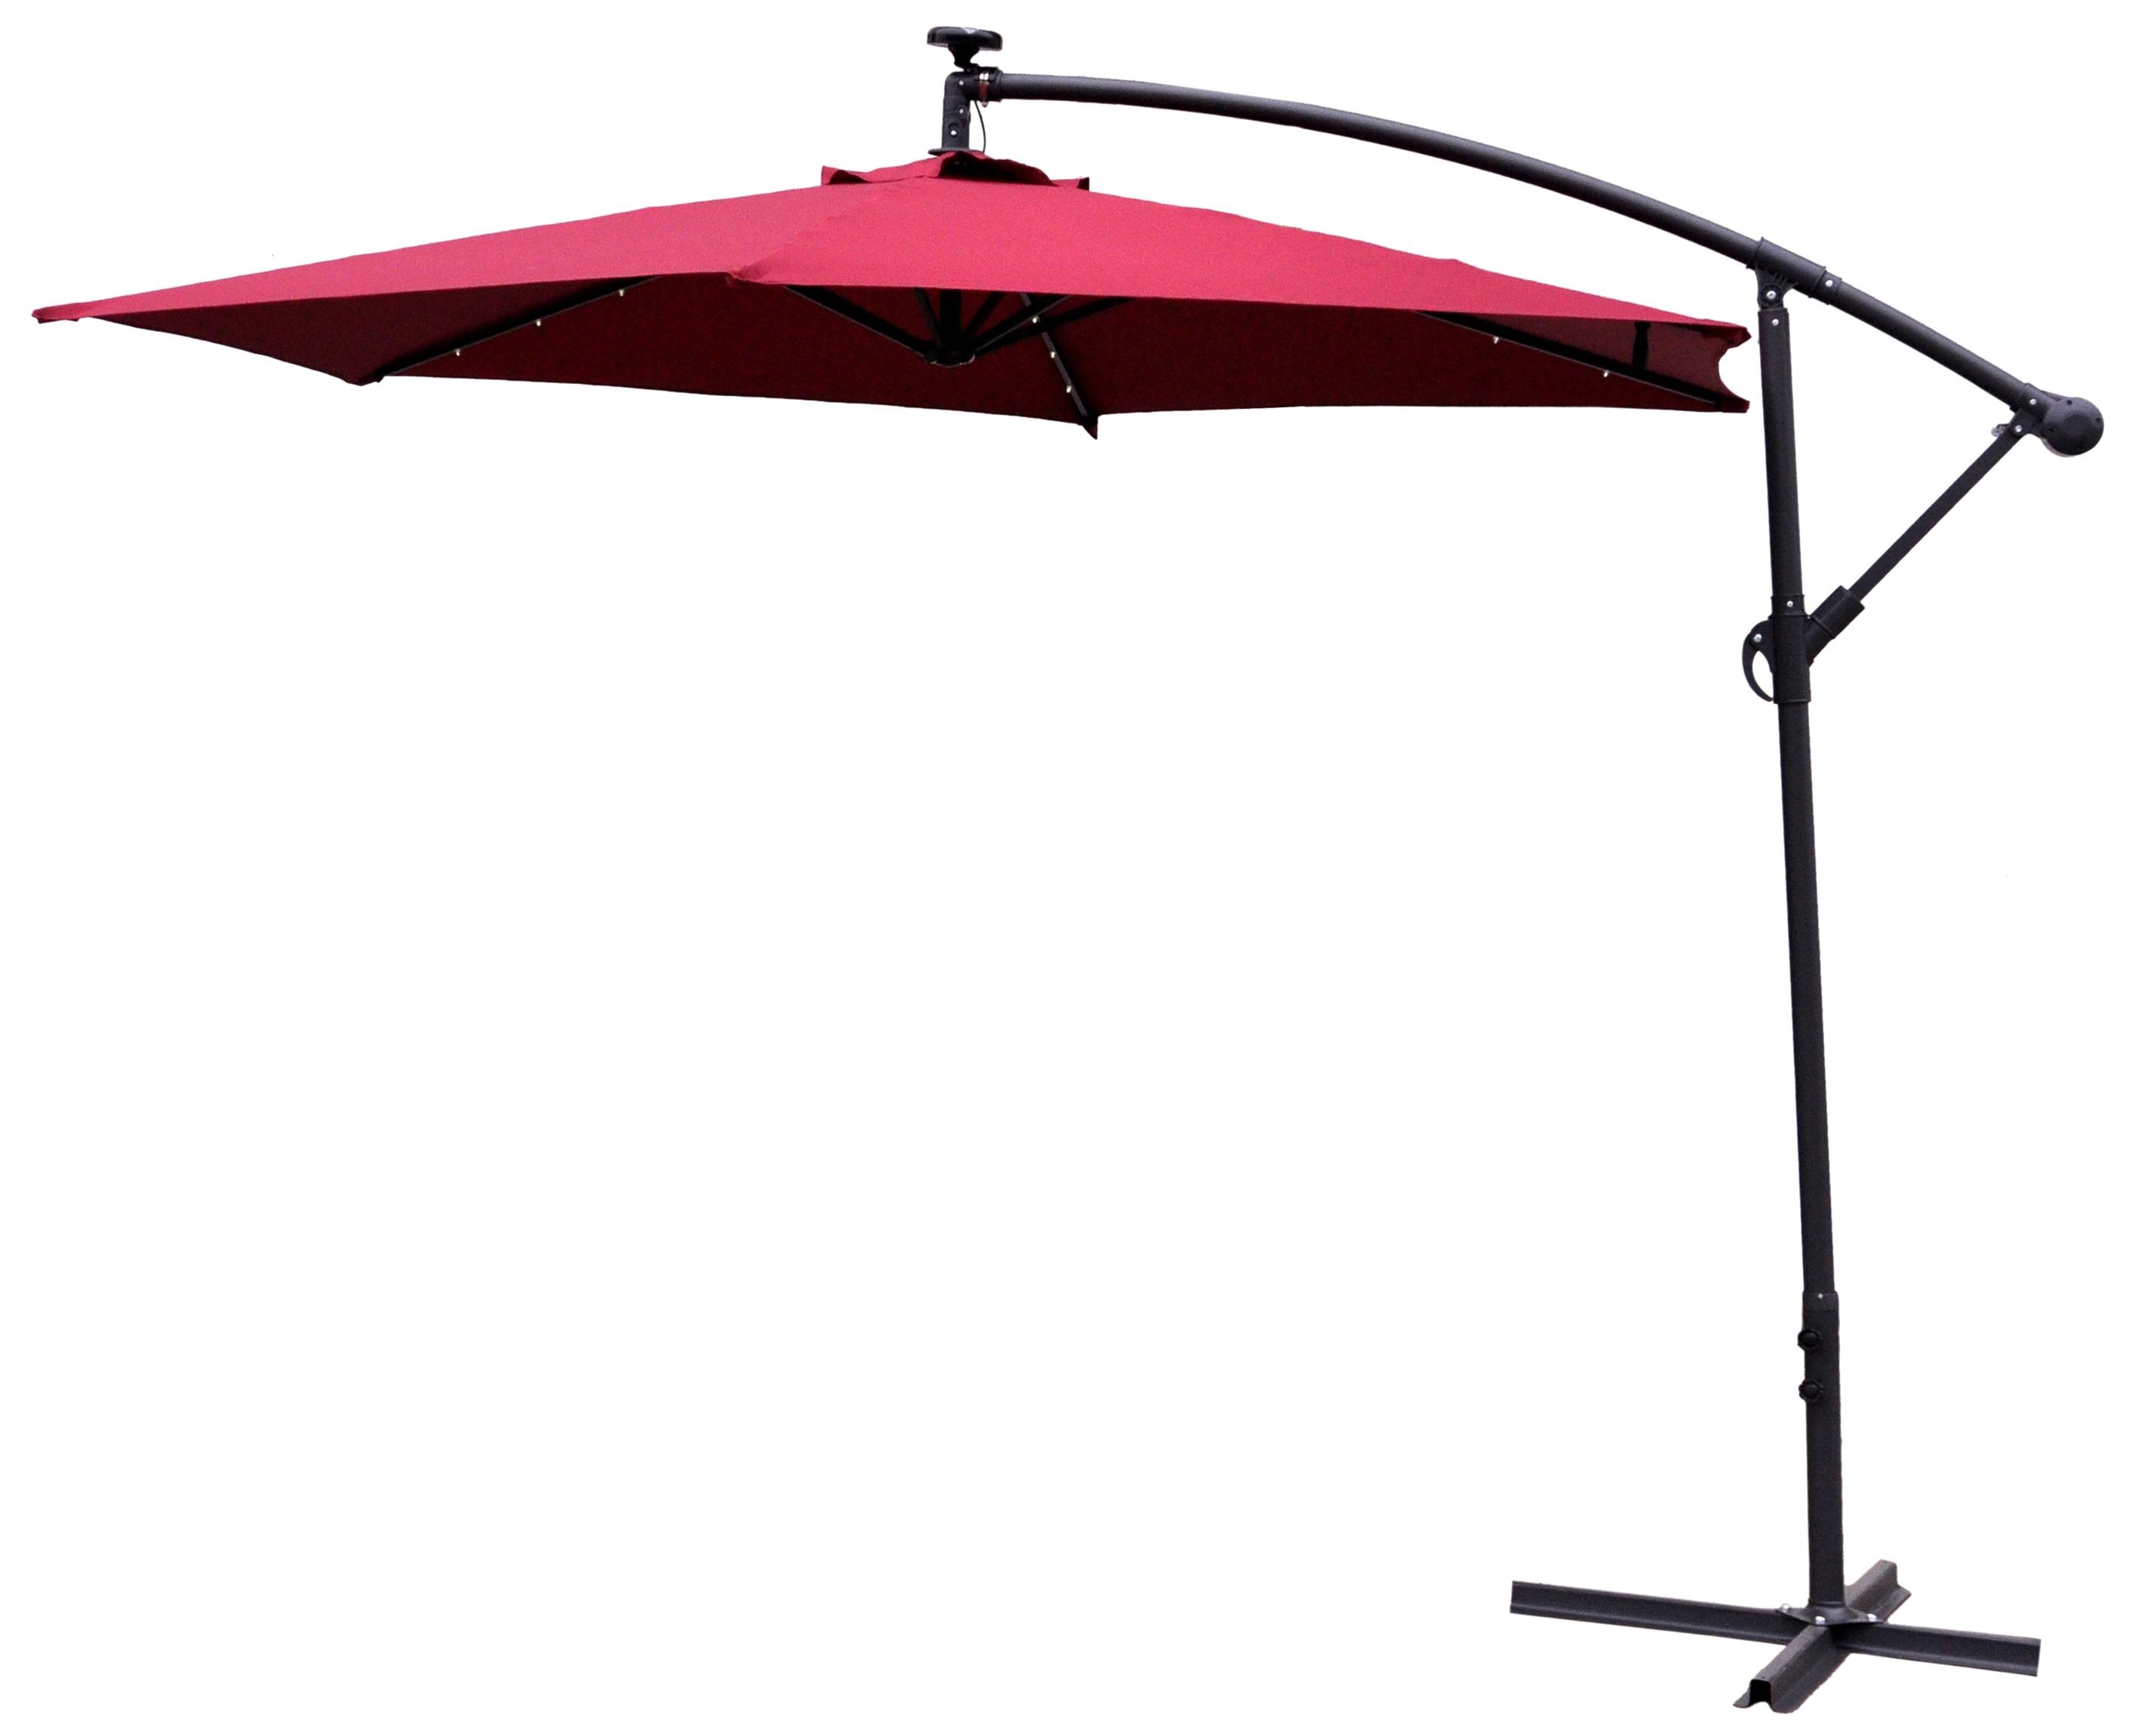 Aga Zahradní slunečník konzolový EXCLUSIV LED 300 cm Dark Red